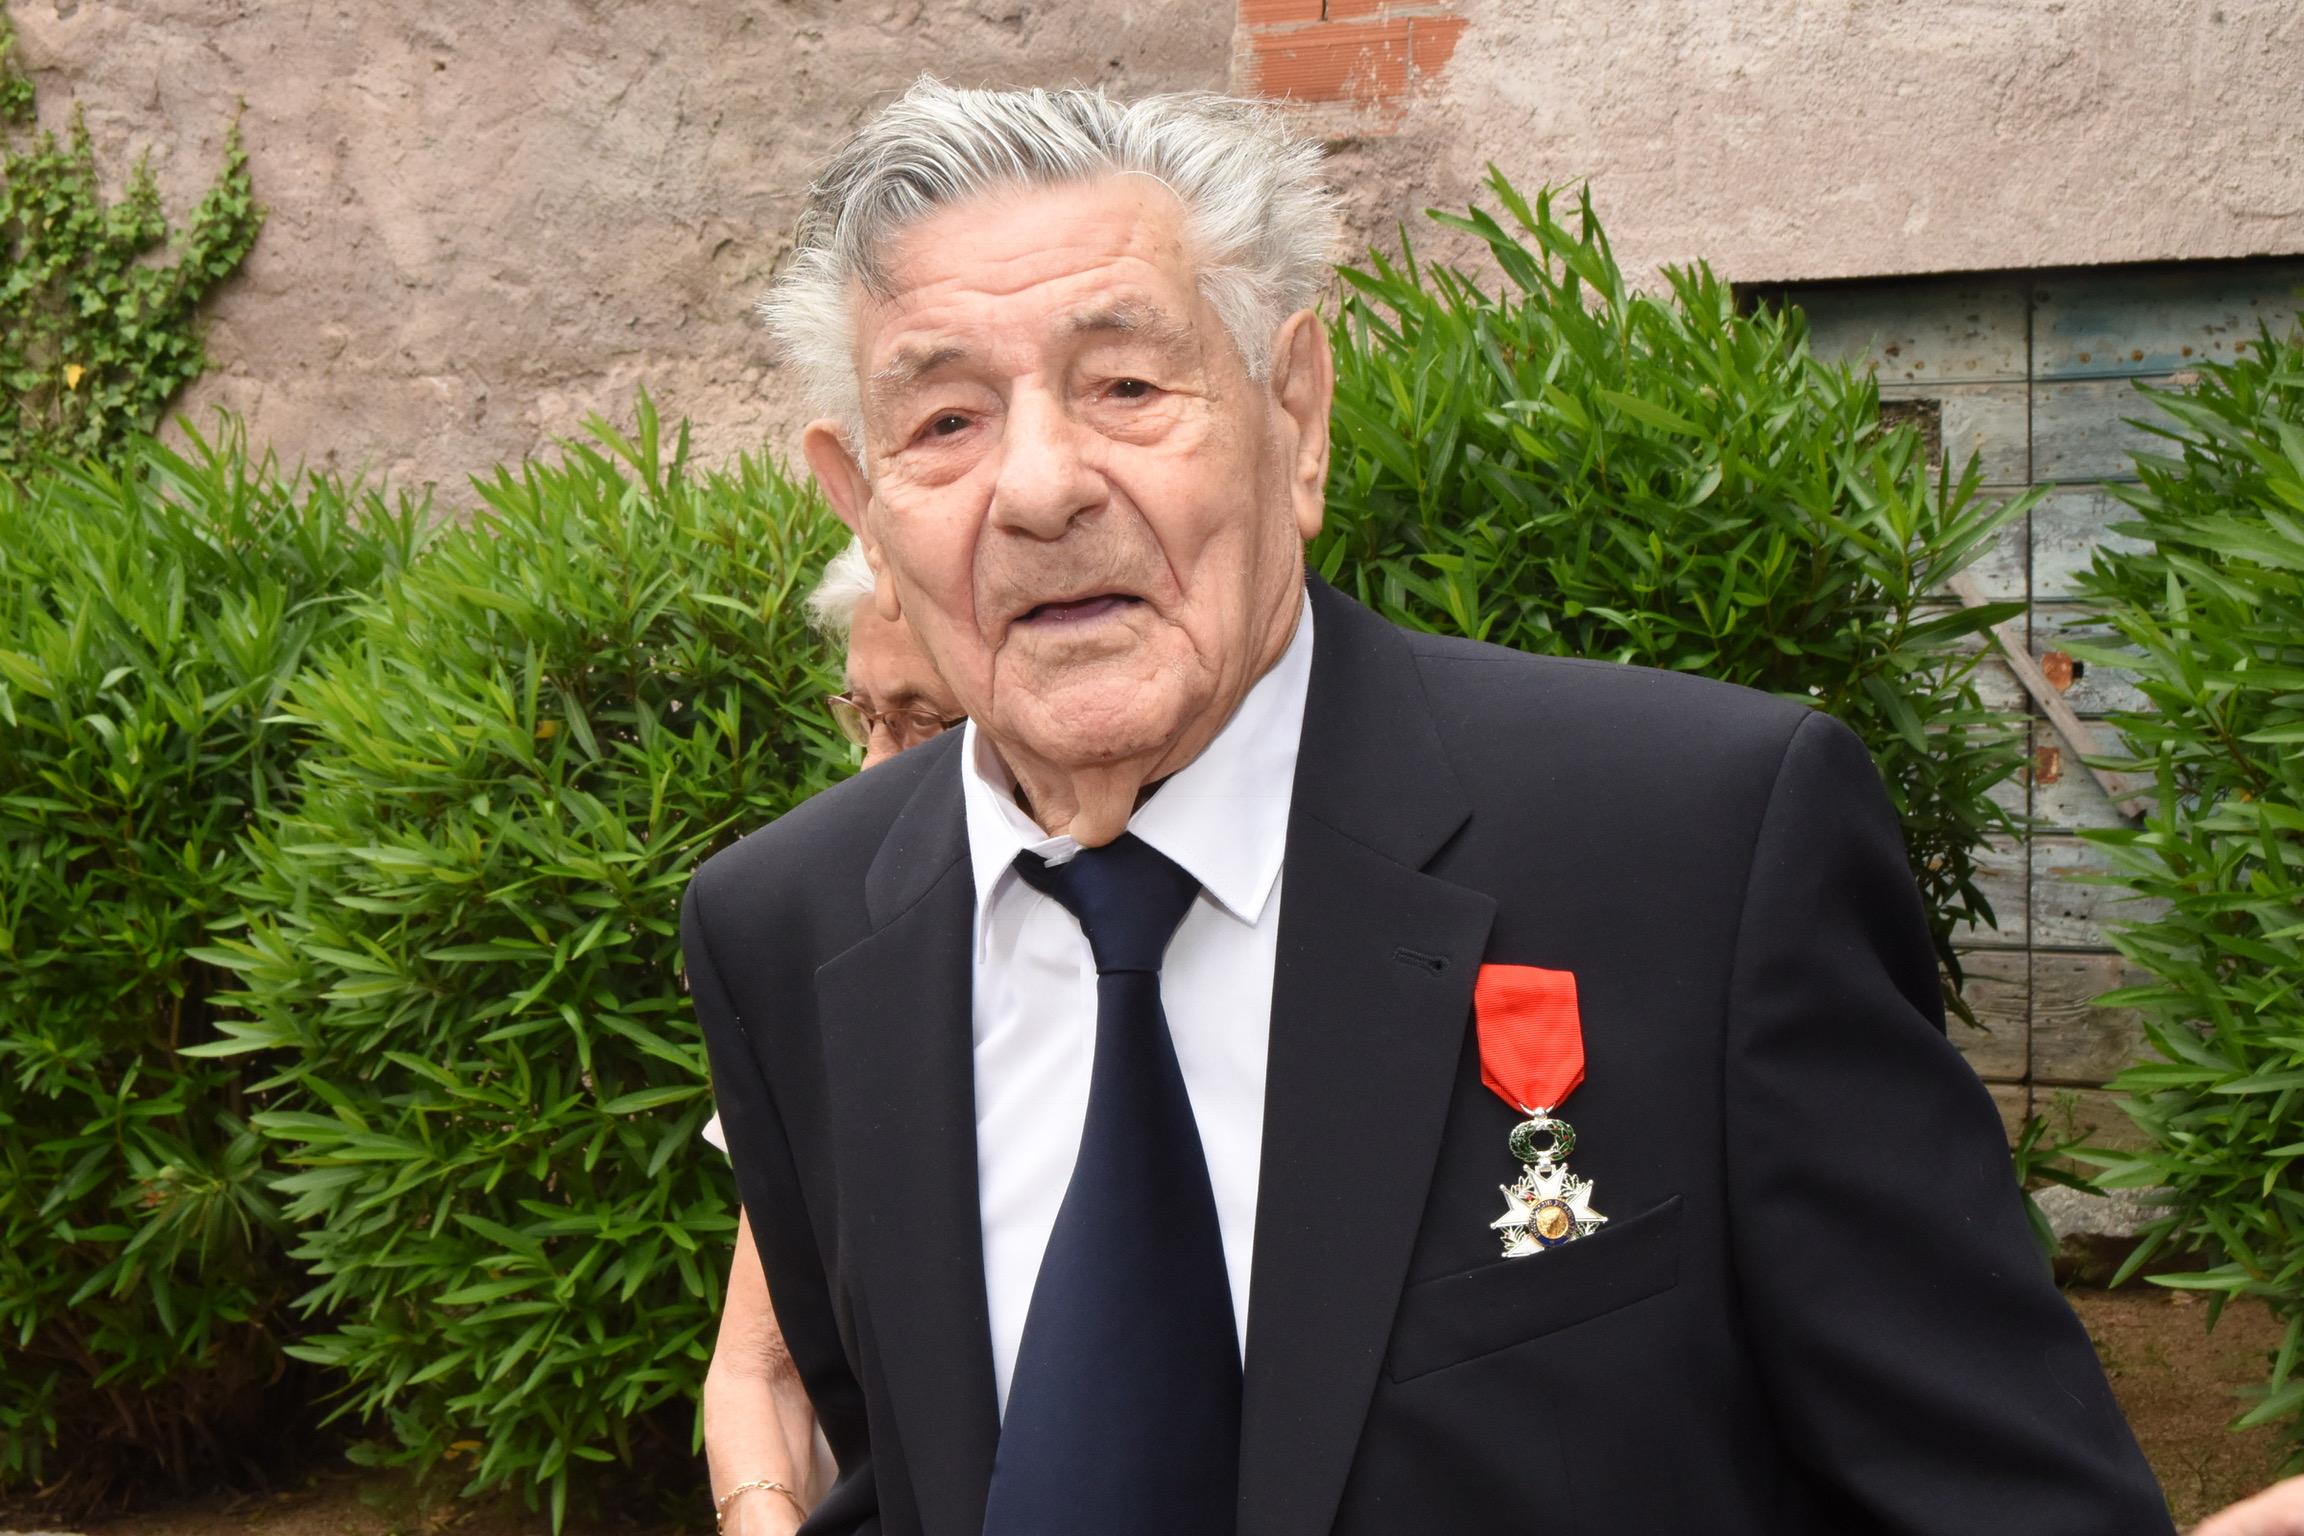 Muru : Chevalier de la Légion d'Honneur à 94 ans